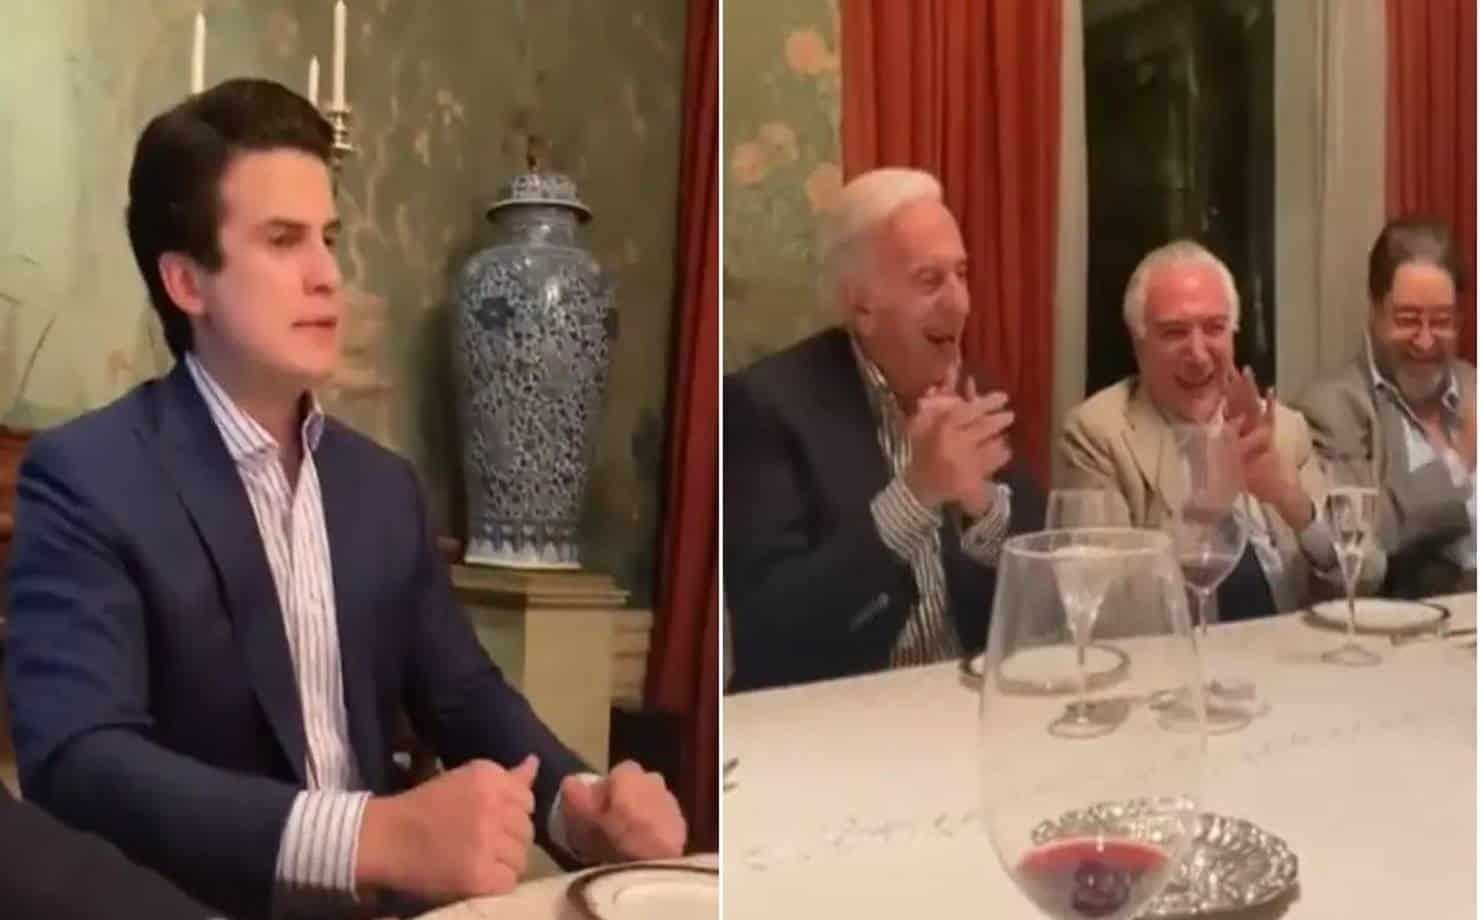 Vídeo que mostra Temer rindo de imitação que ironiza de Bolsonaro viraliza; veja